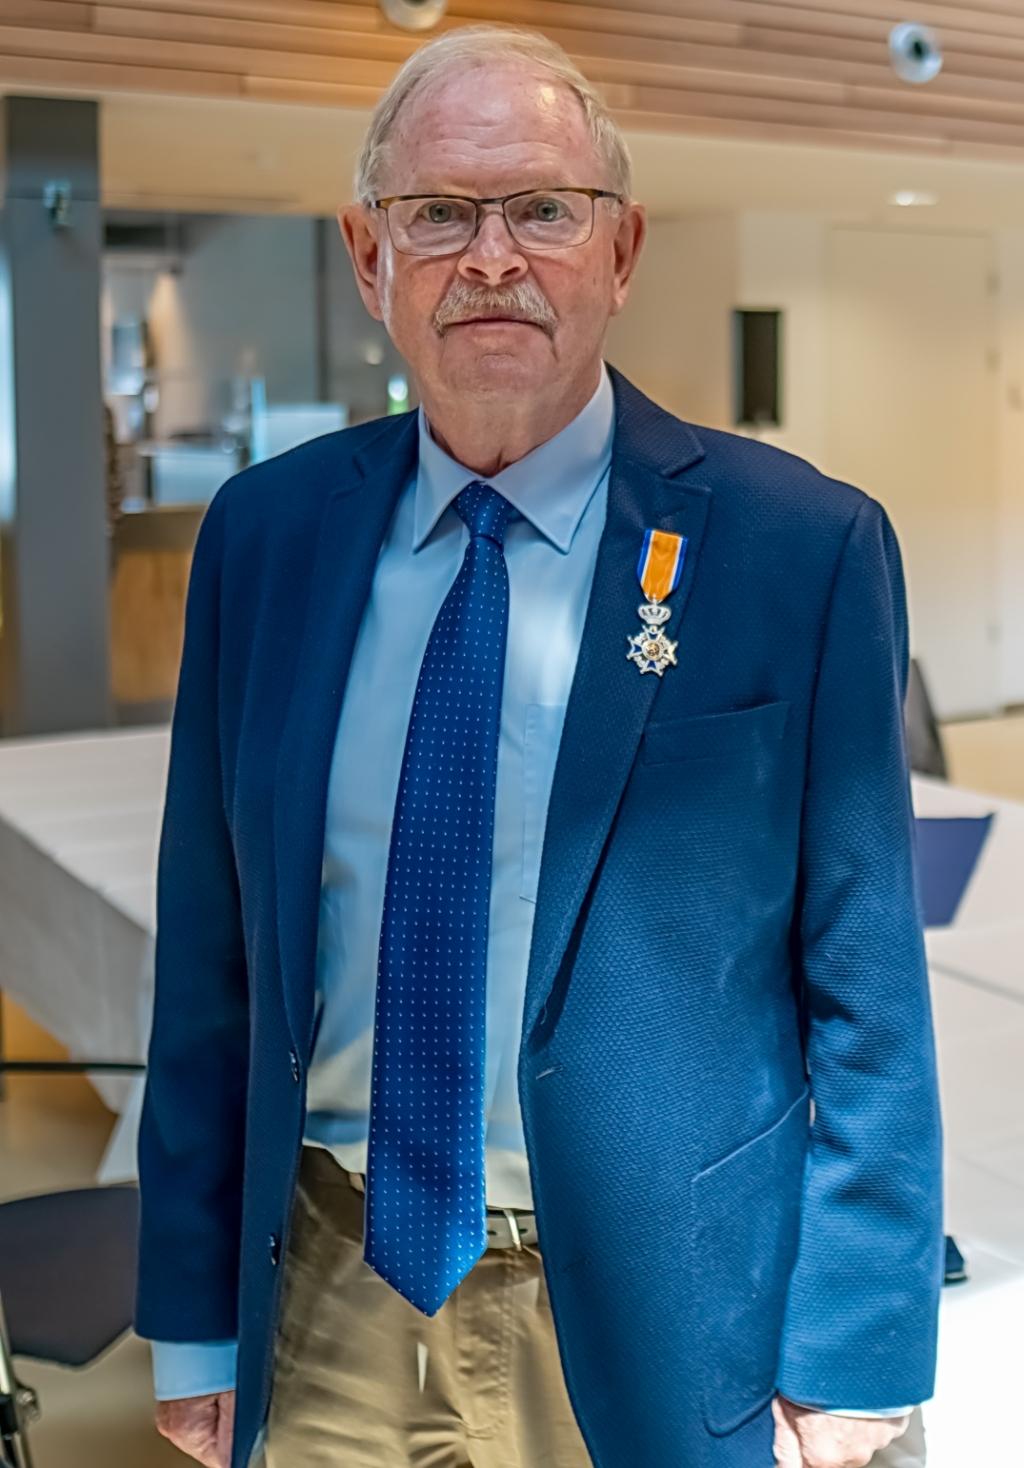 Niek de Wolf, Lid in de Orde van Oranje Nassau.  Foto: J.P.Kranenburg © uitgeverij Verhagen